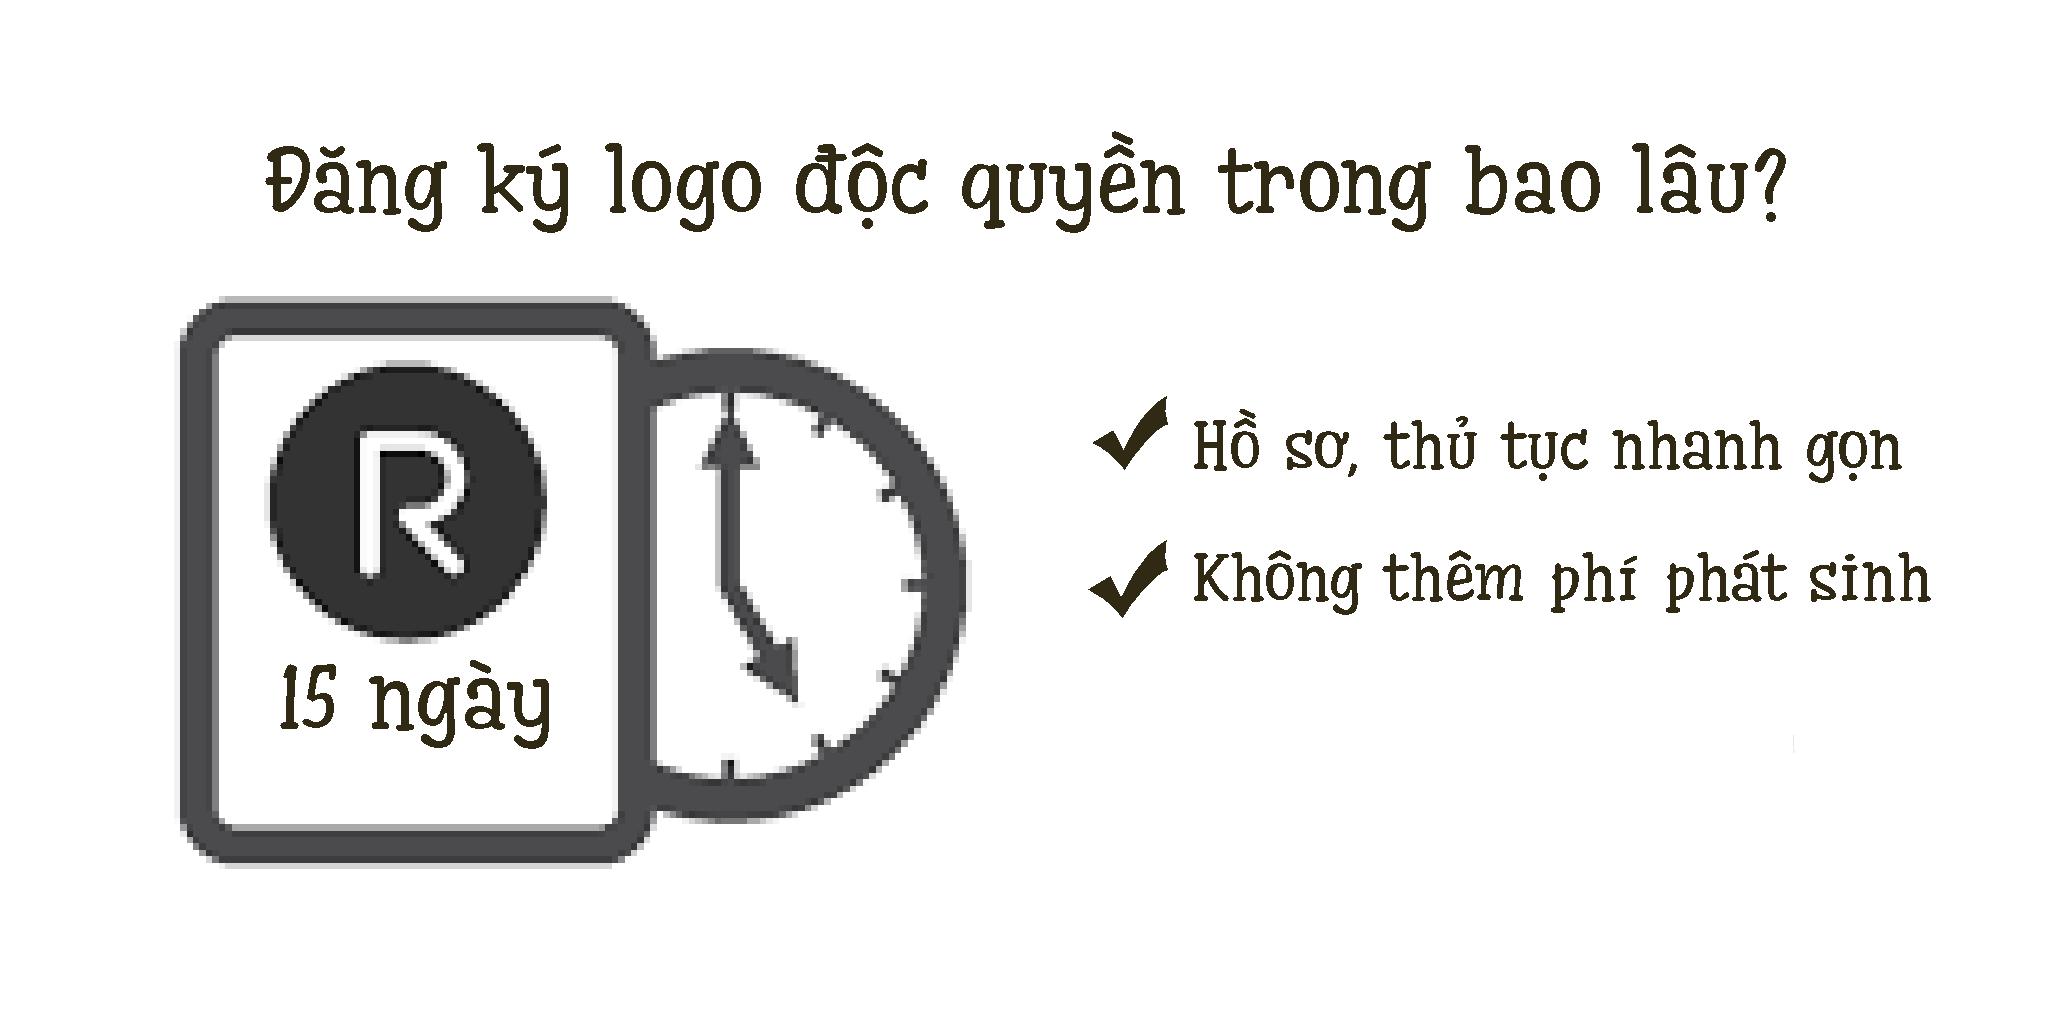 đăng ký logo độc quyền mất bao nhiêu lâu